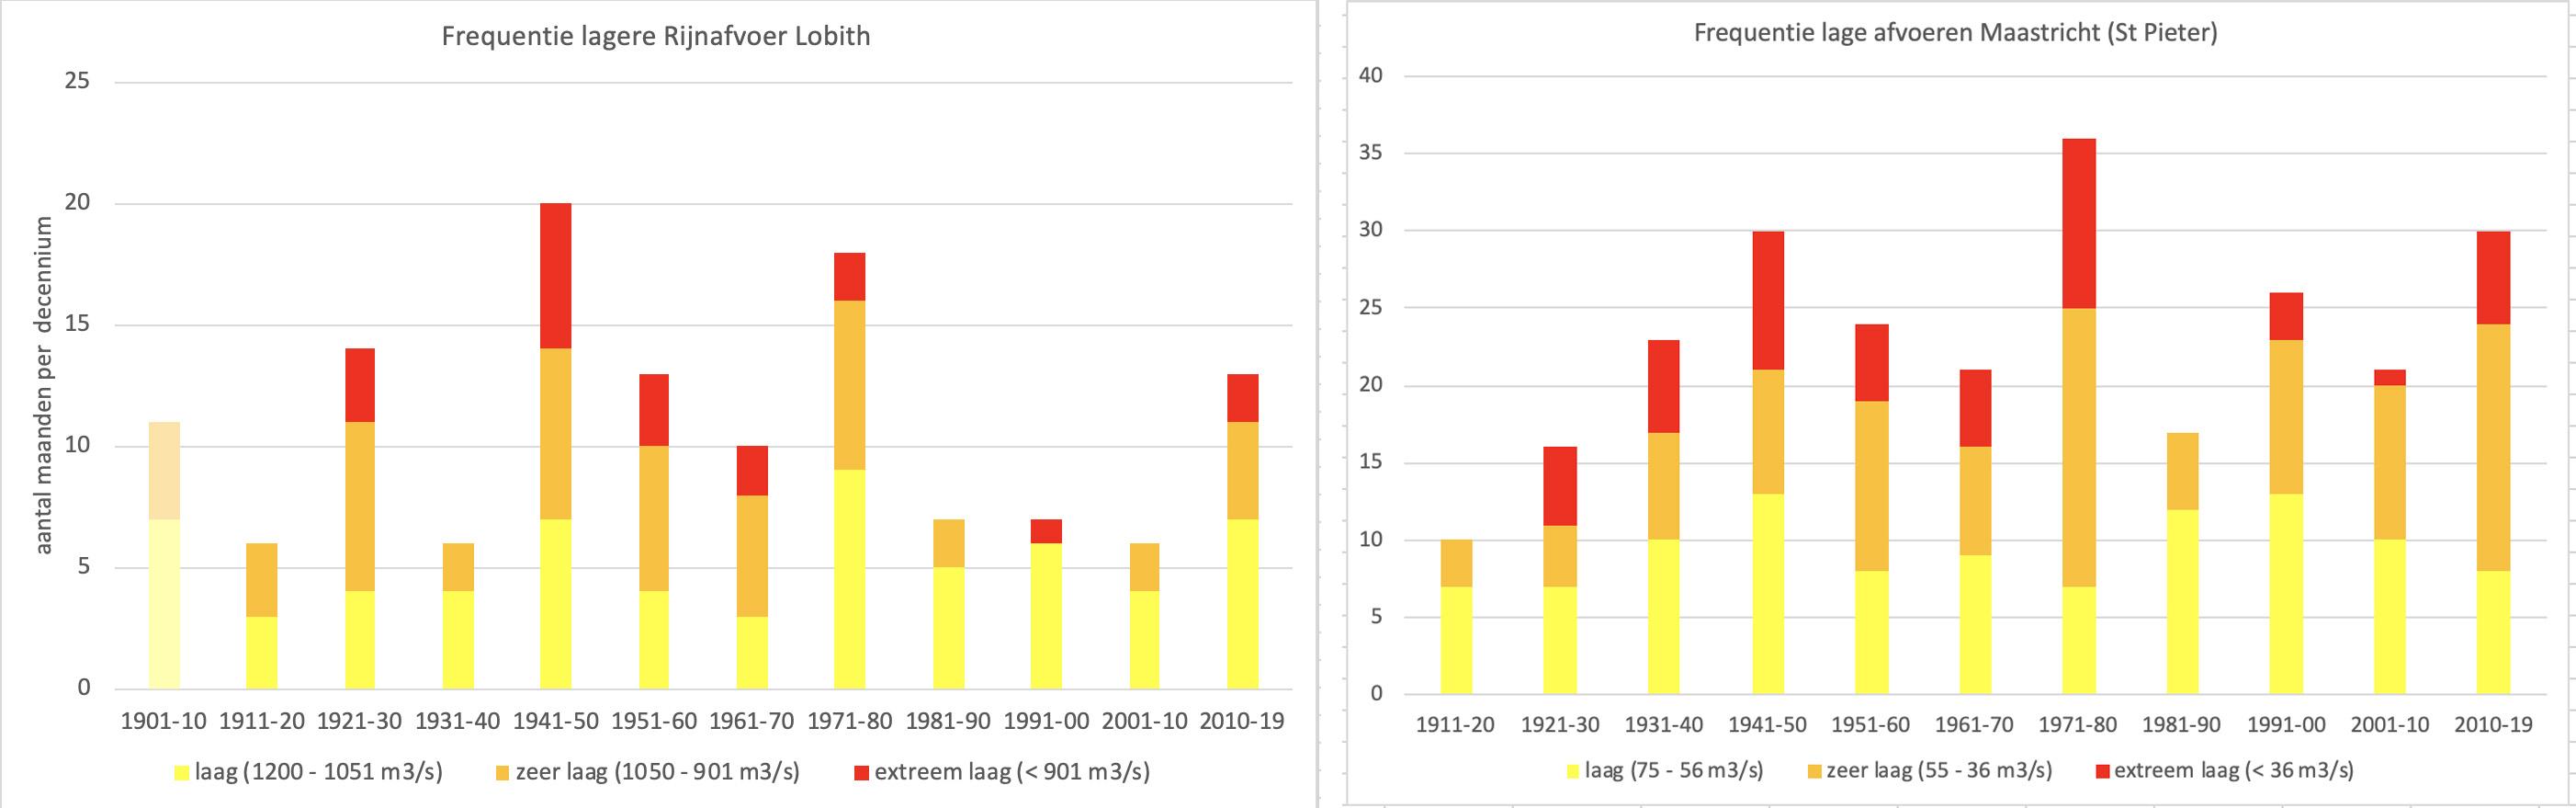 Frequentie lage afvoeren per decennium voor Rijn en Maas